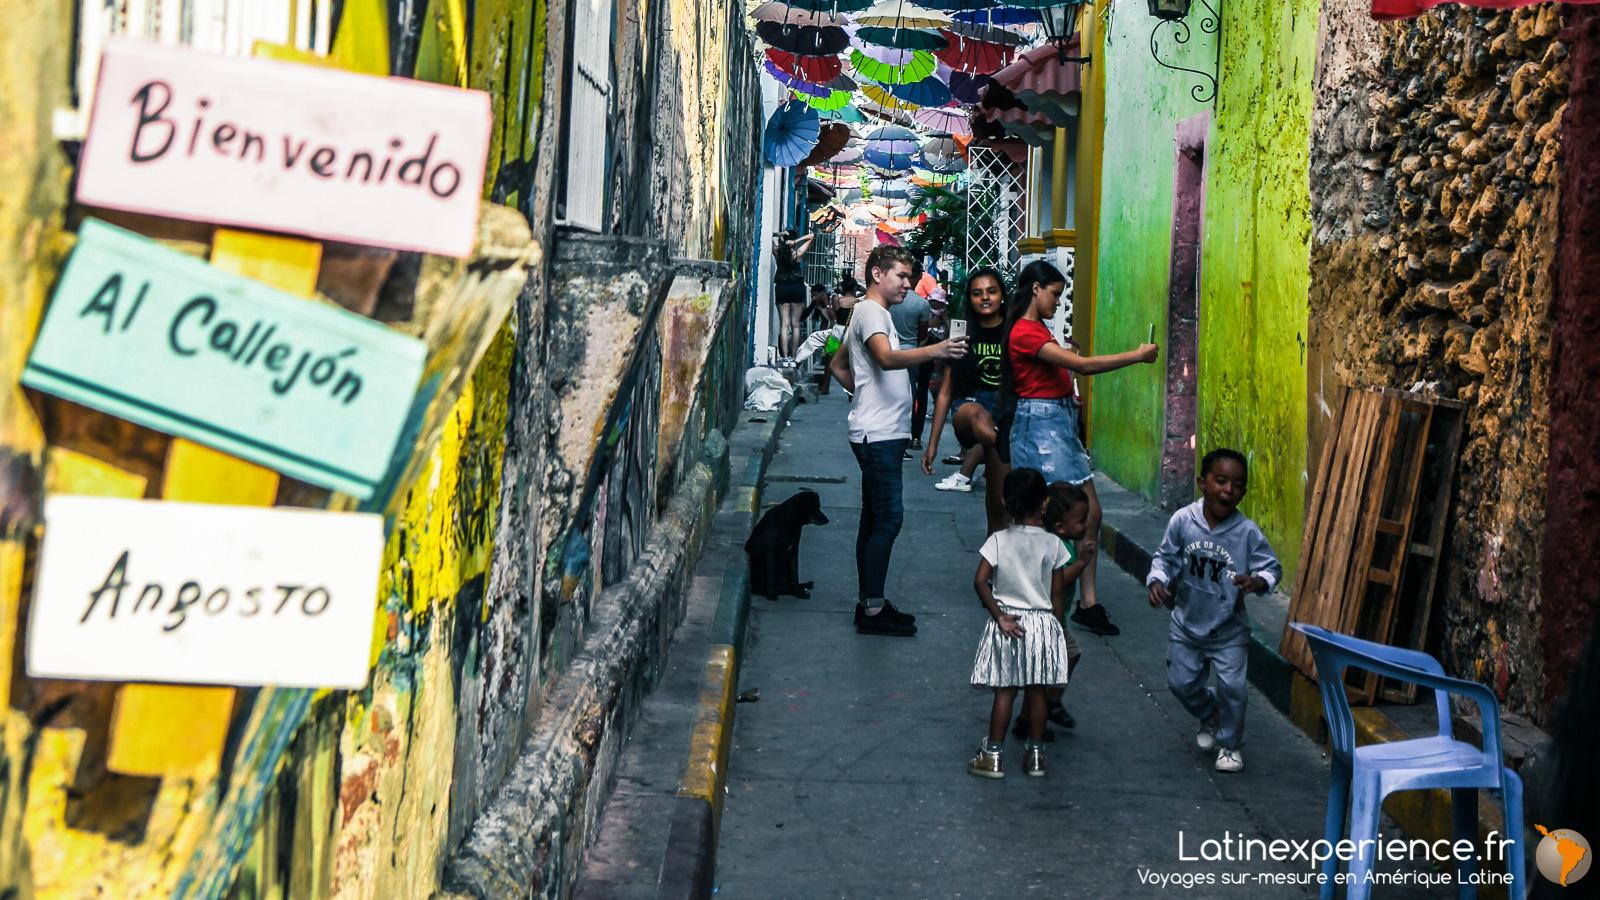 Colombie - Rencontres à la Candélaria - Latinexperience voyage